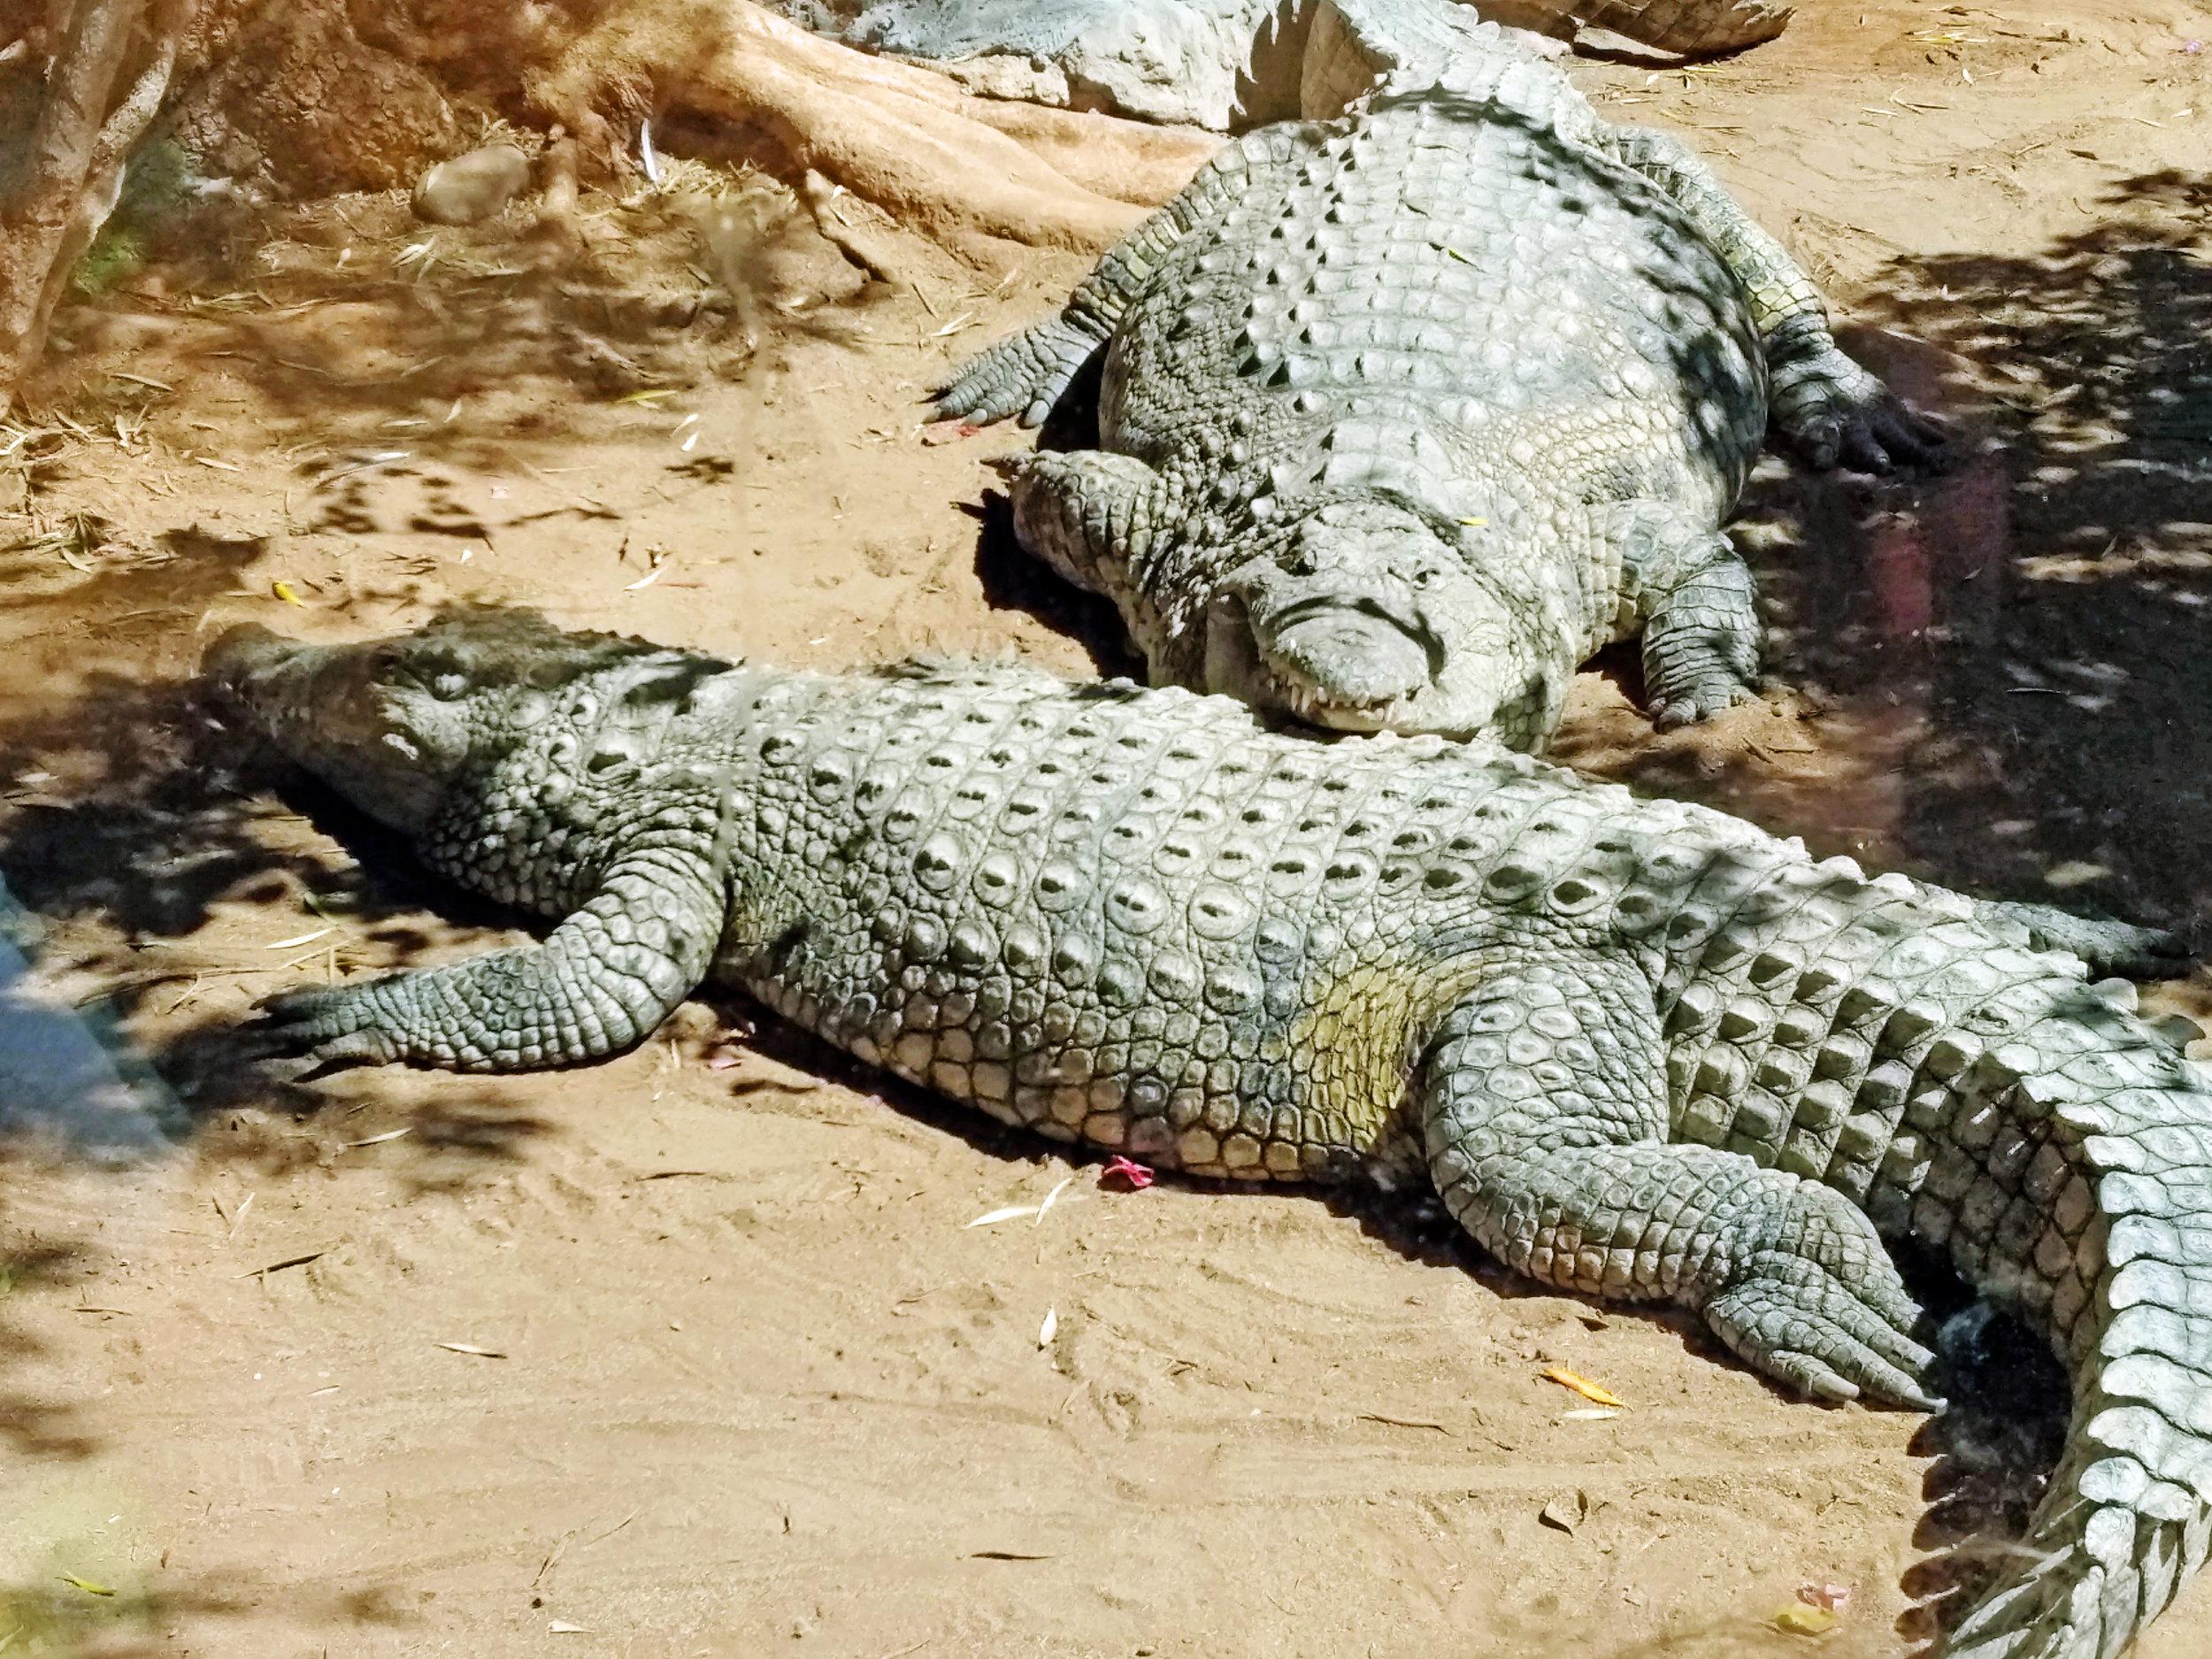 Nil-krokodillane liker å halde saman i store flokkar.